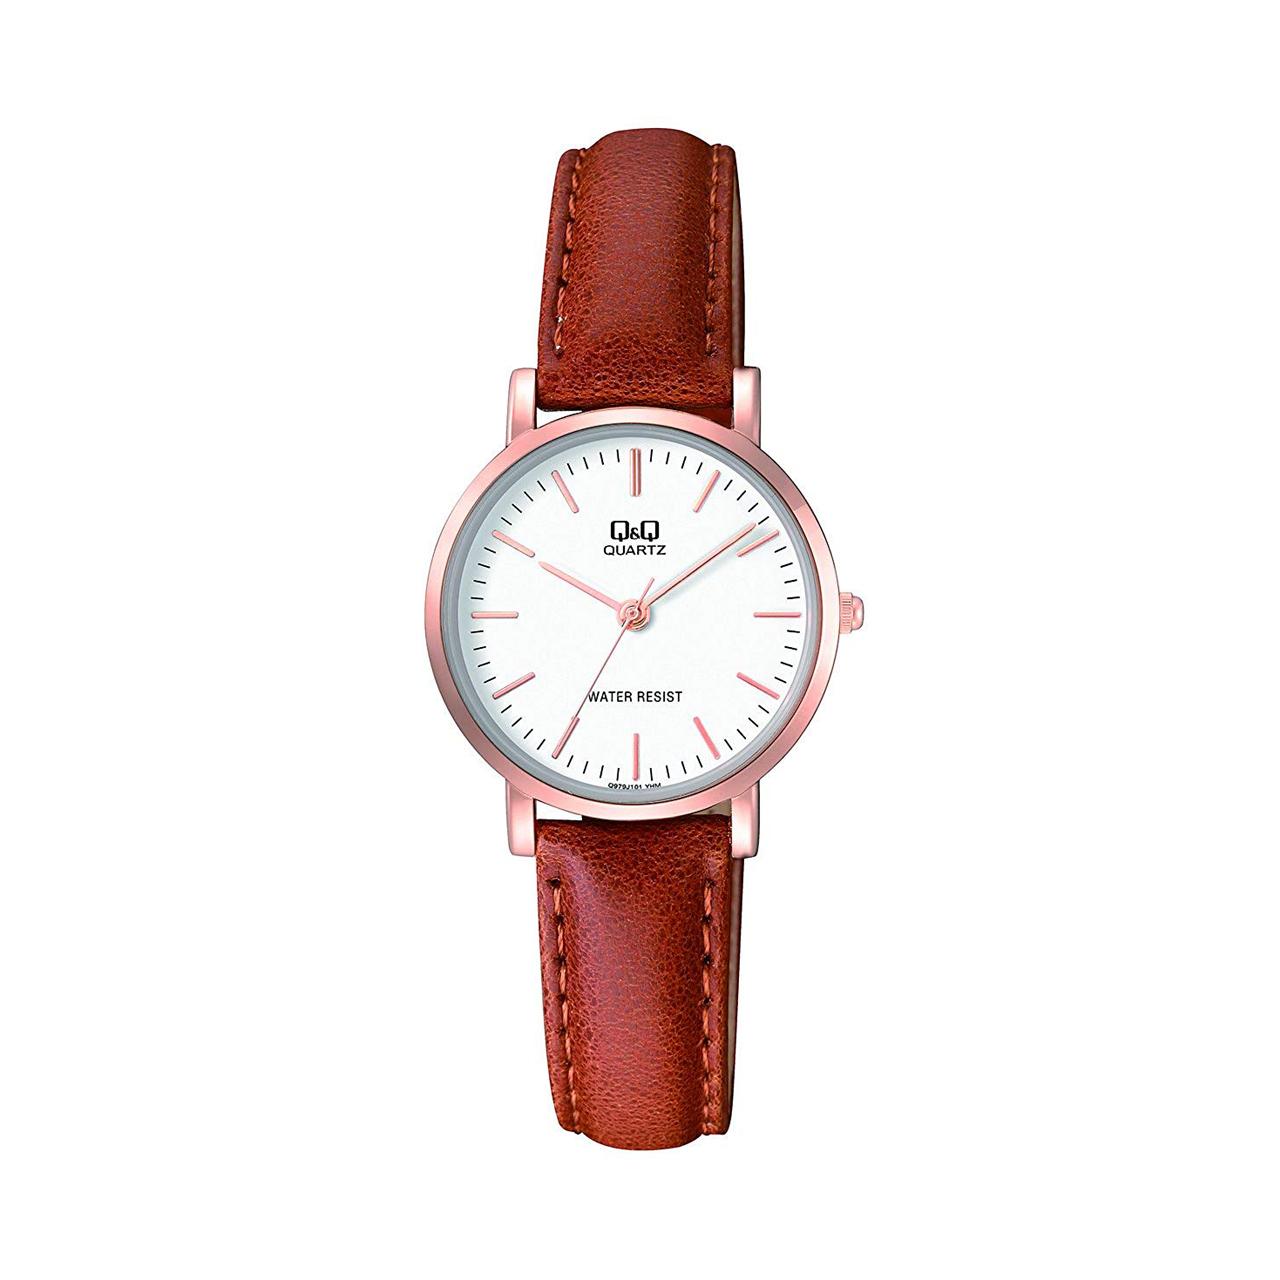 ساعت مچی عقربه ای زنانه کیو اند کیو مدلQ979J101Y به همراه دستمال مخصوص برند کلین واچ